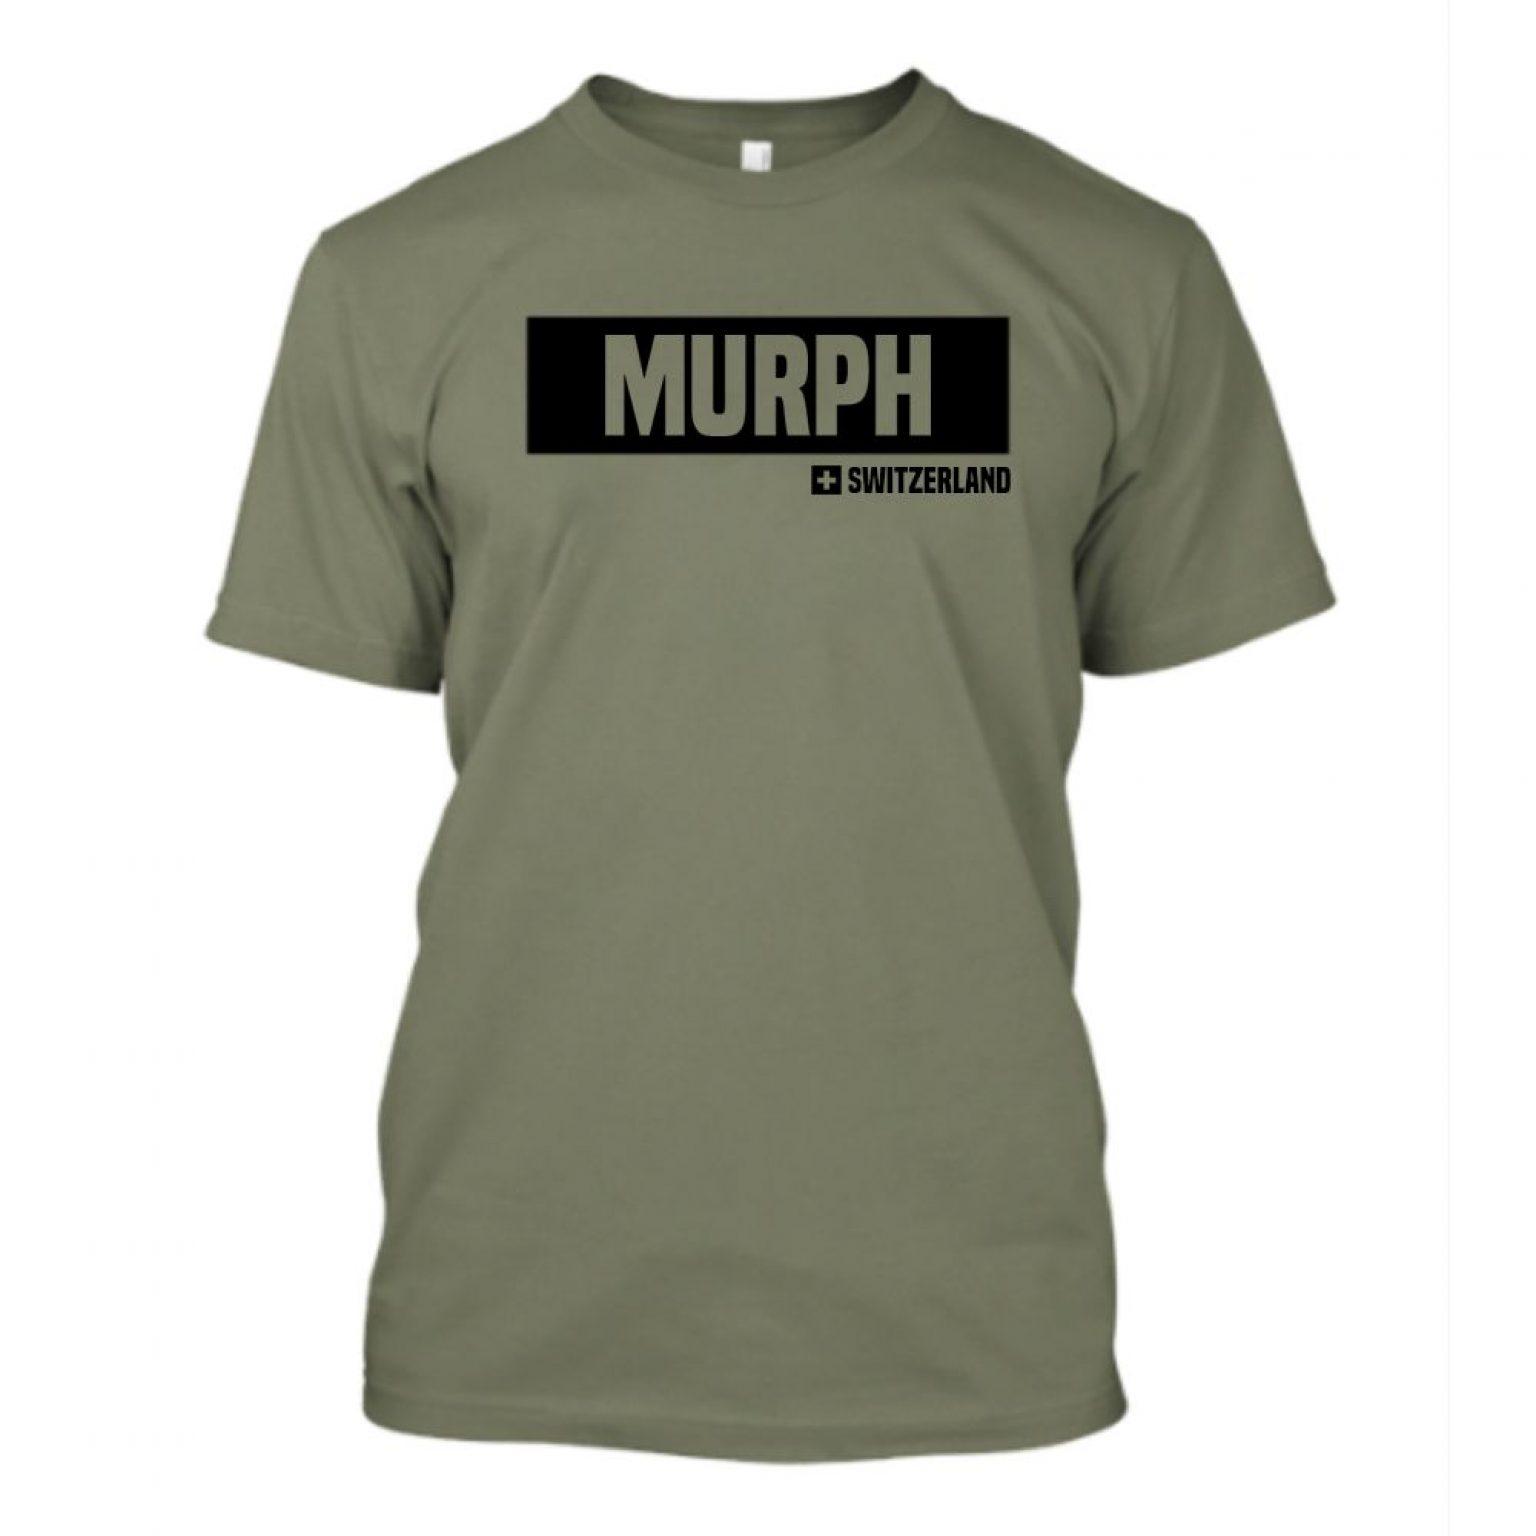 Murph Male